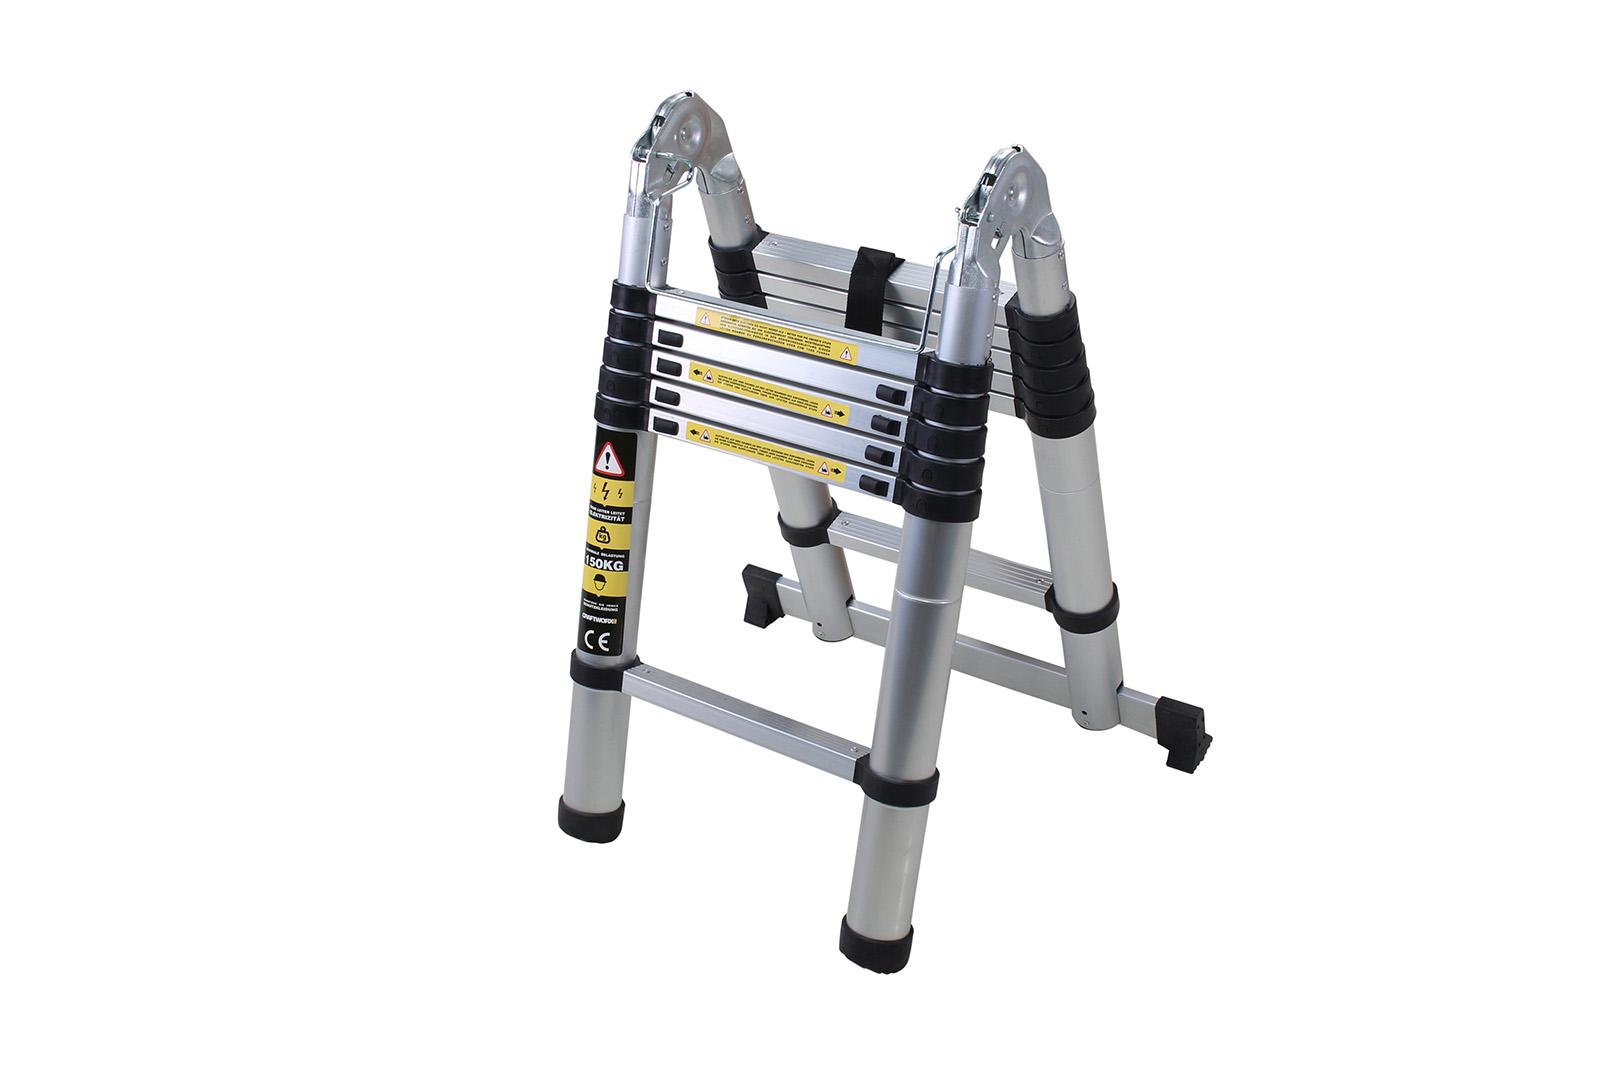 Craftworx aluminio escalera plegable escala telesc pica for Escalera telescopica 2 metros